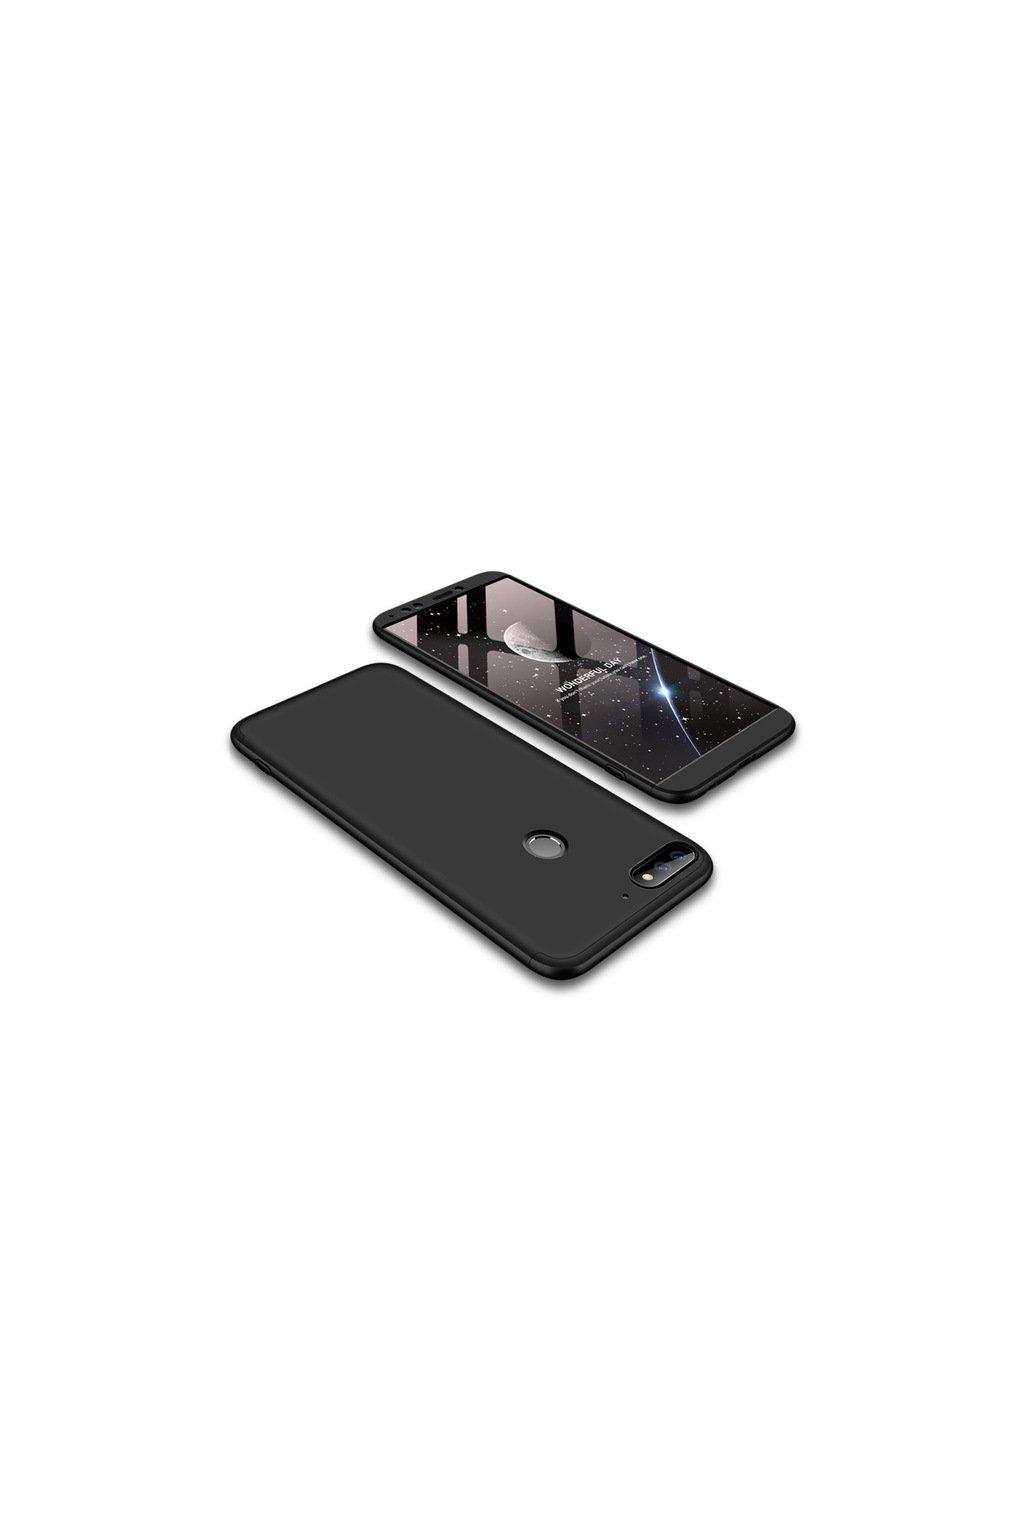 360 Huawei Y7 Prime 2018 black